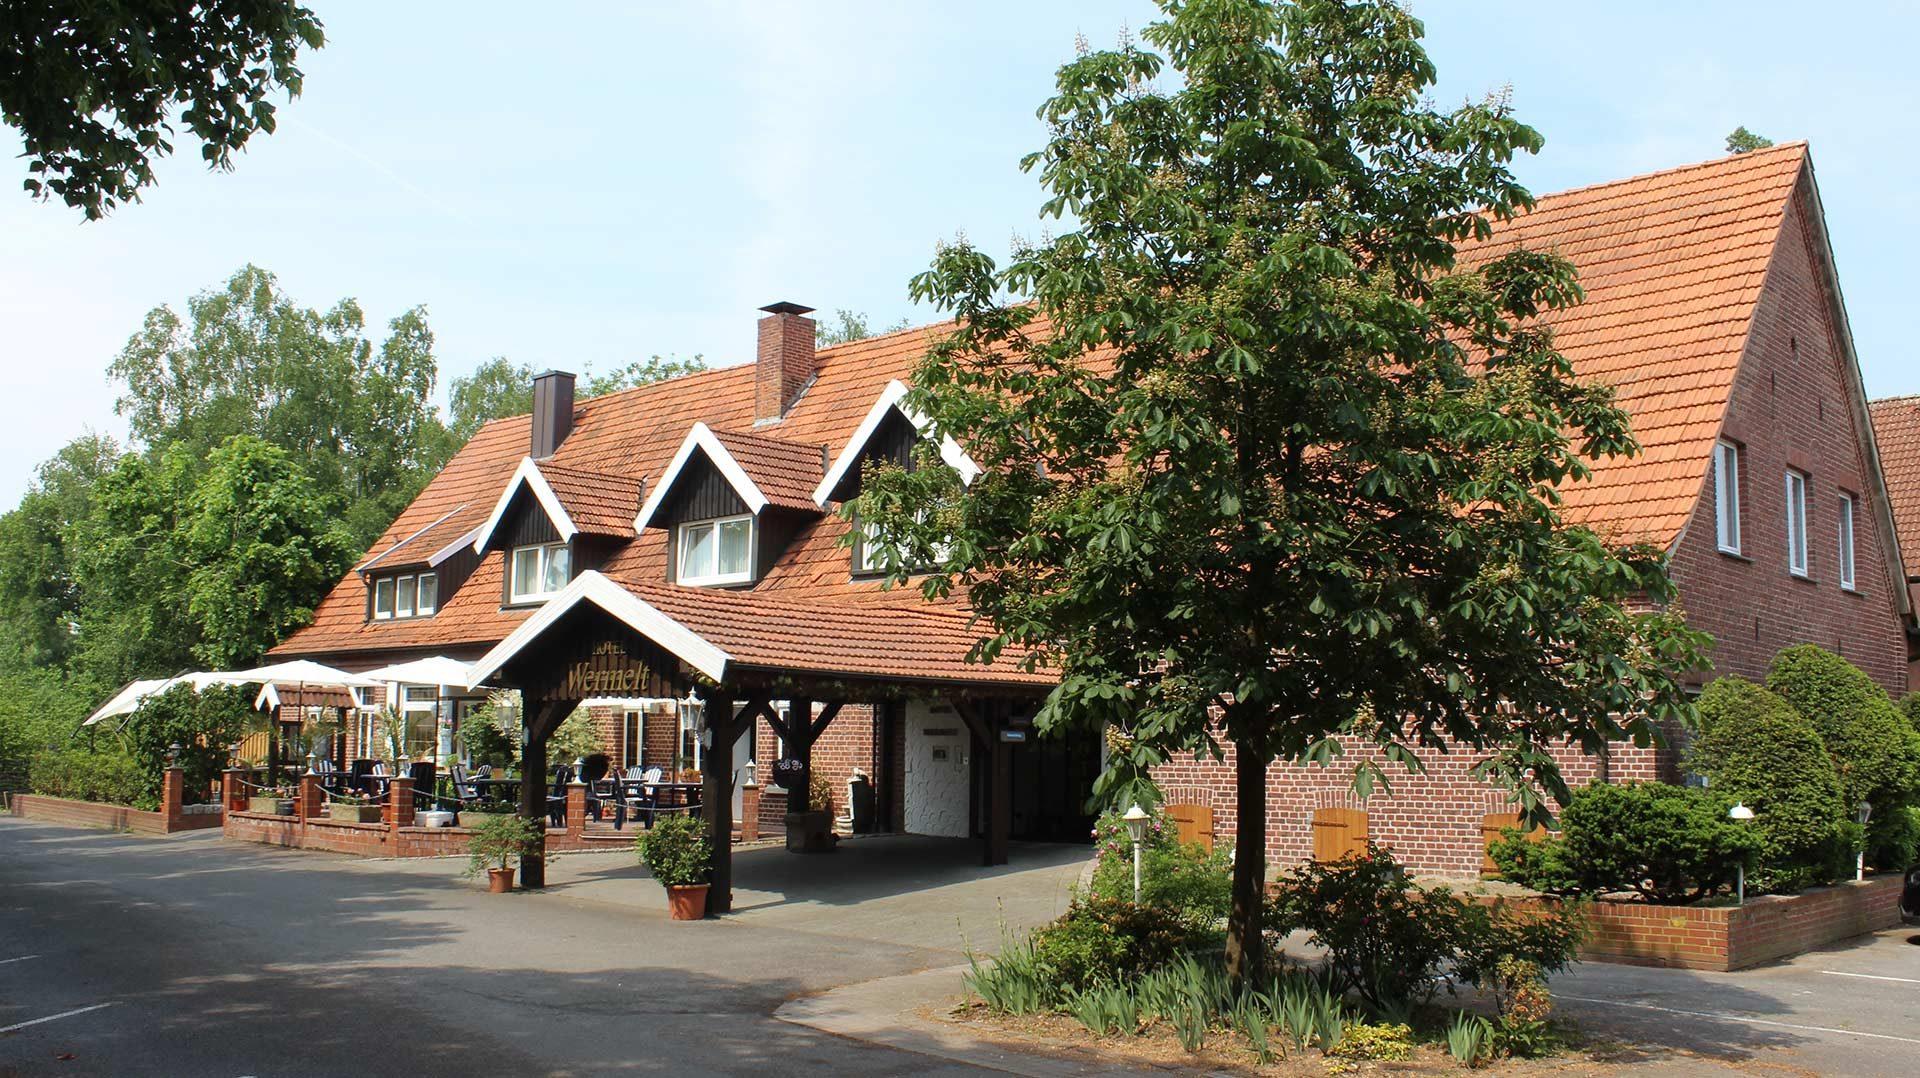 Willkommen im Landgasthaus Wermelt